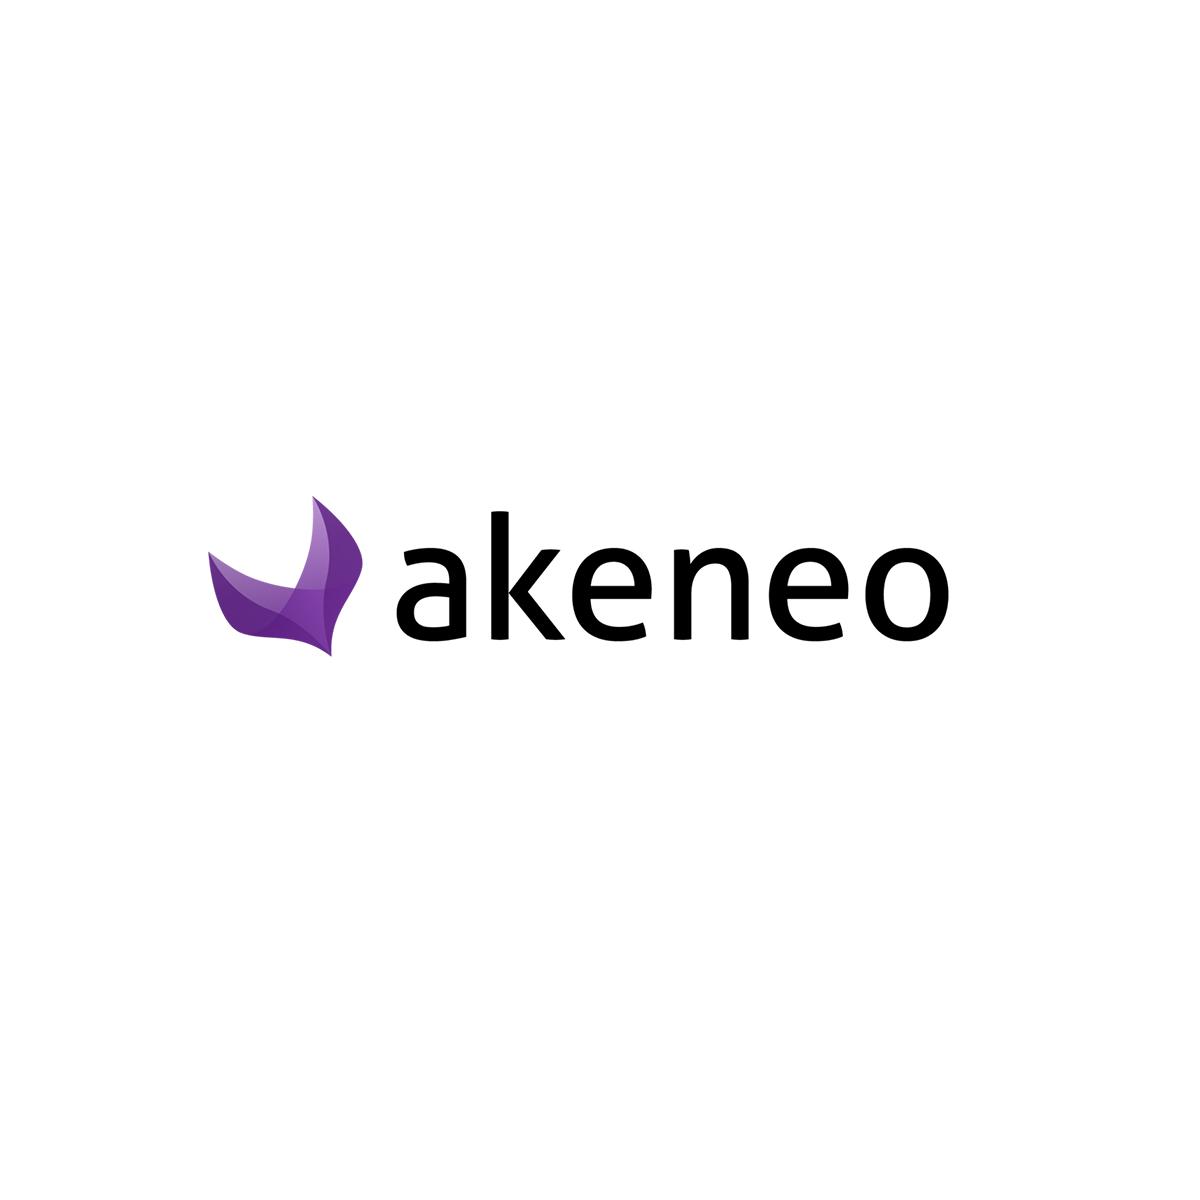 [EN] Akeneo